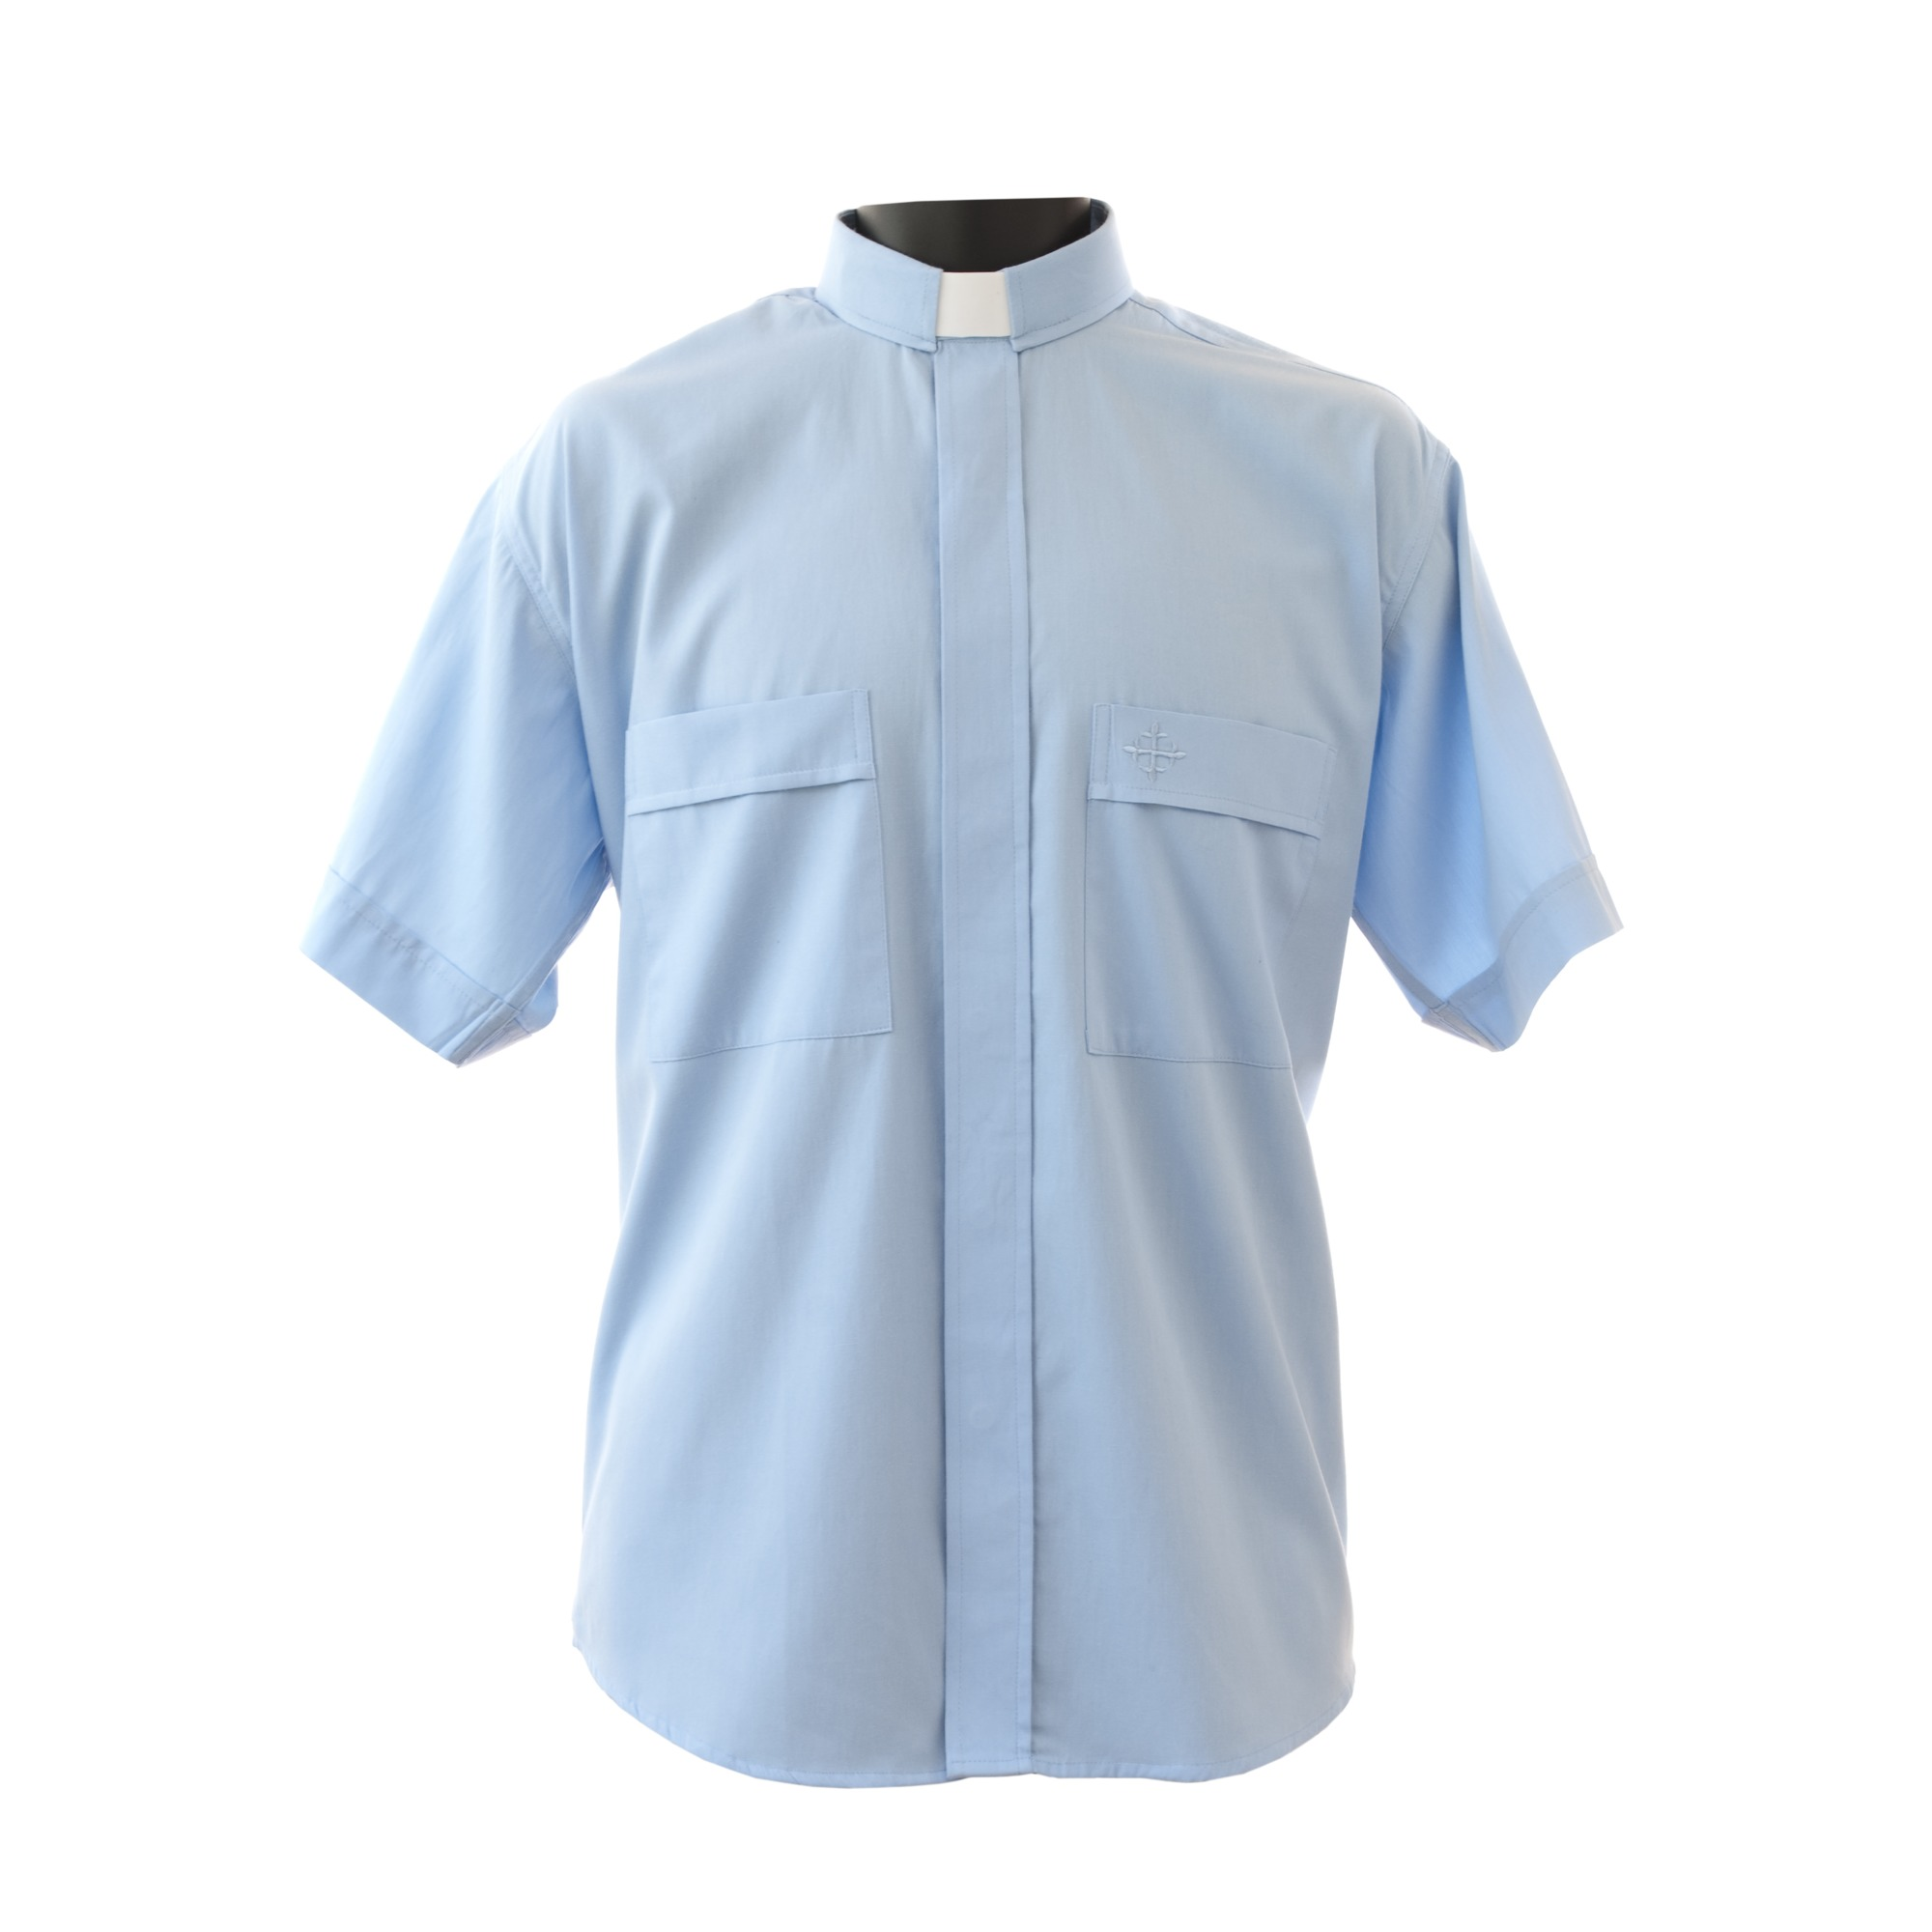 79a1b84d89 Light Blue Short Sleeve Clergy Shirt